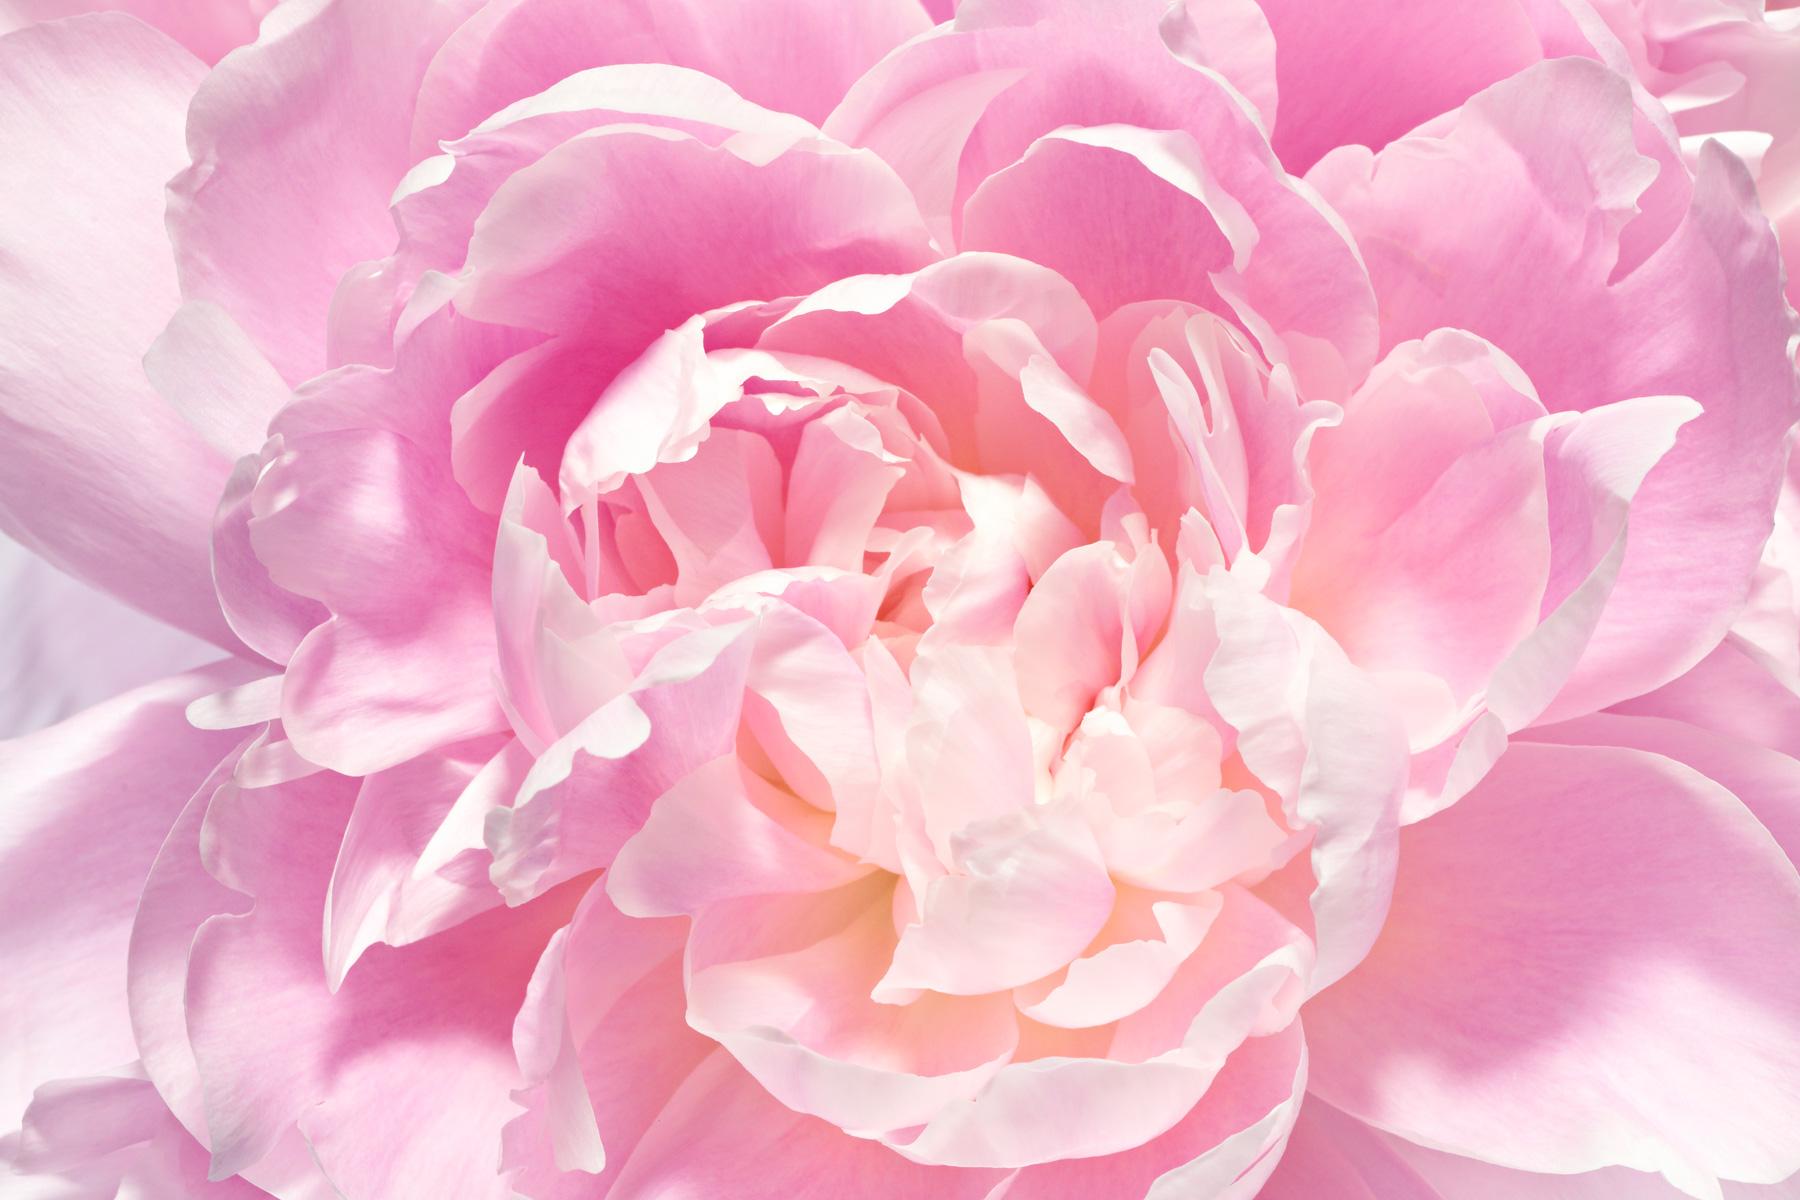 flower_023.jpg